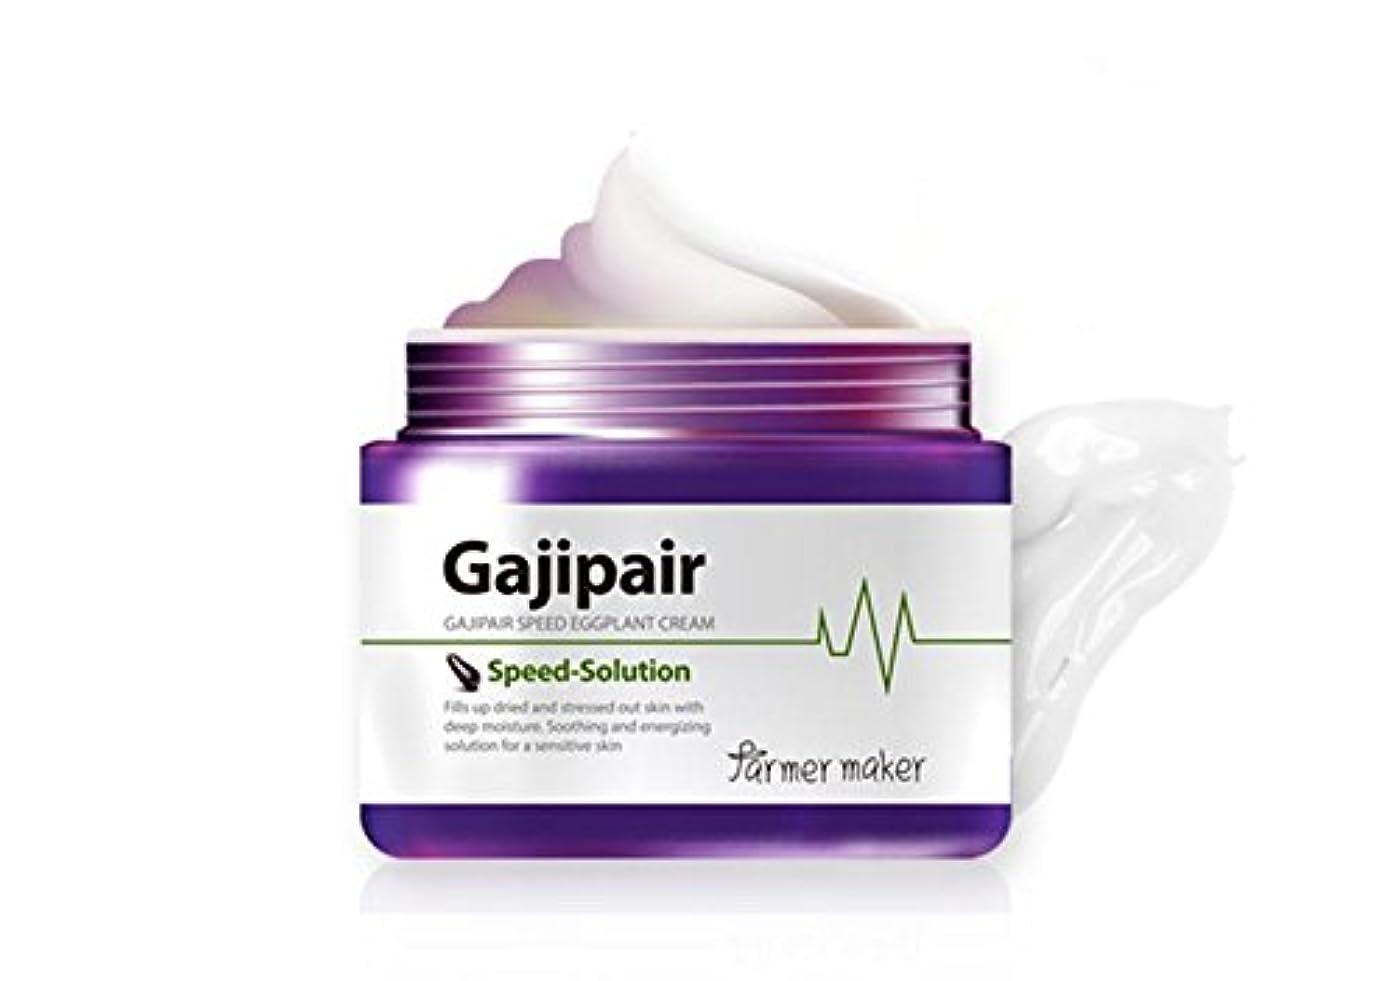 タックル現れるダニFarmer maker Gajipair Speed Eggplant Cream 70ml/ファーマーメイカー ガジペア(ナスペア) スピード エッグプラント クリーム 70ml [並行輸入品]